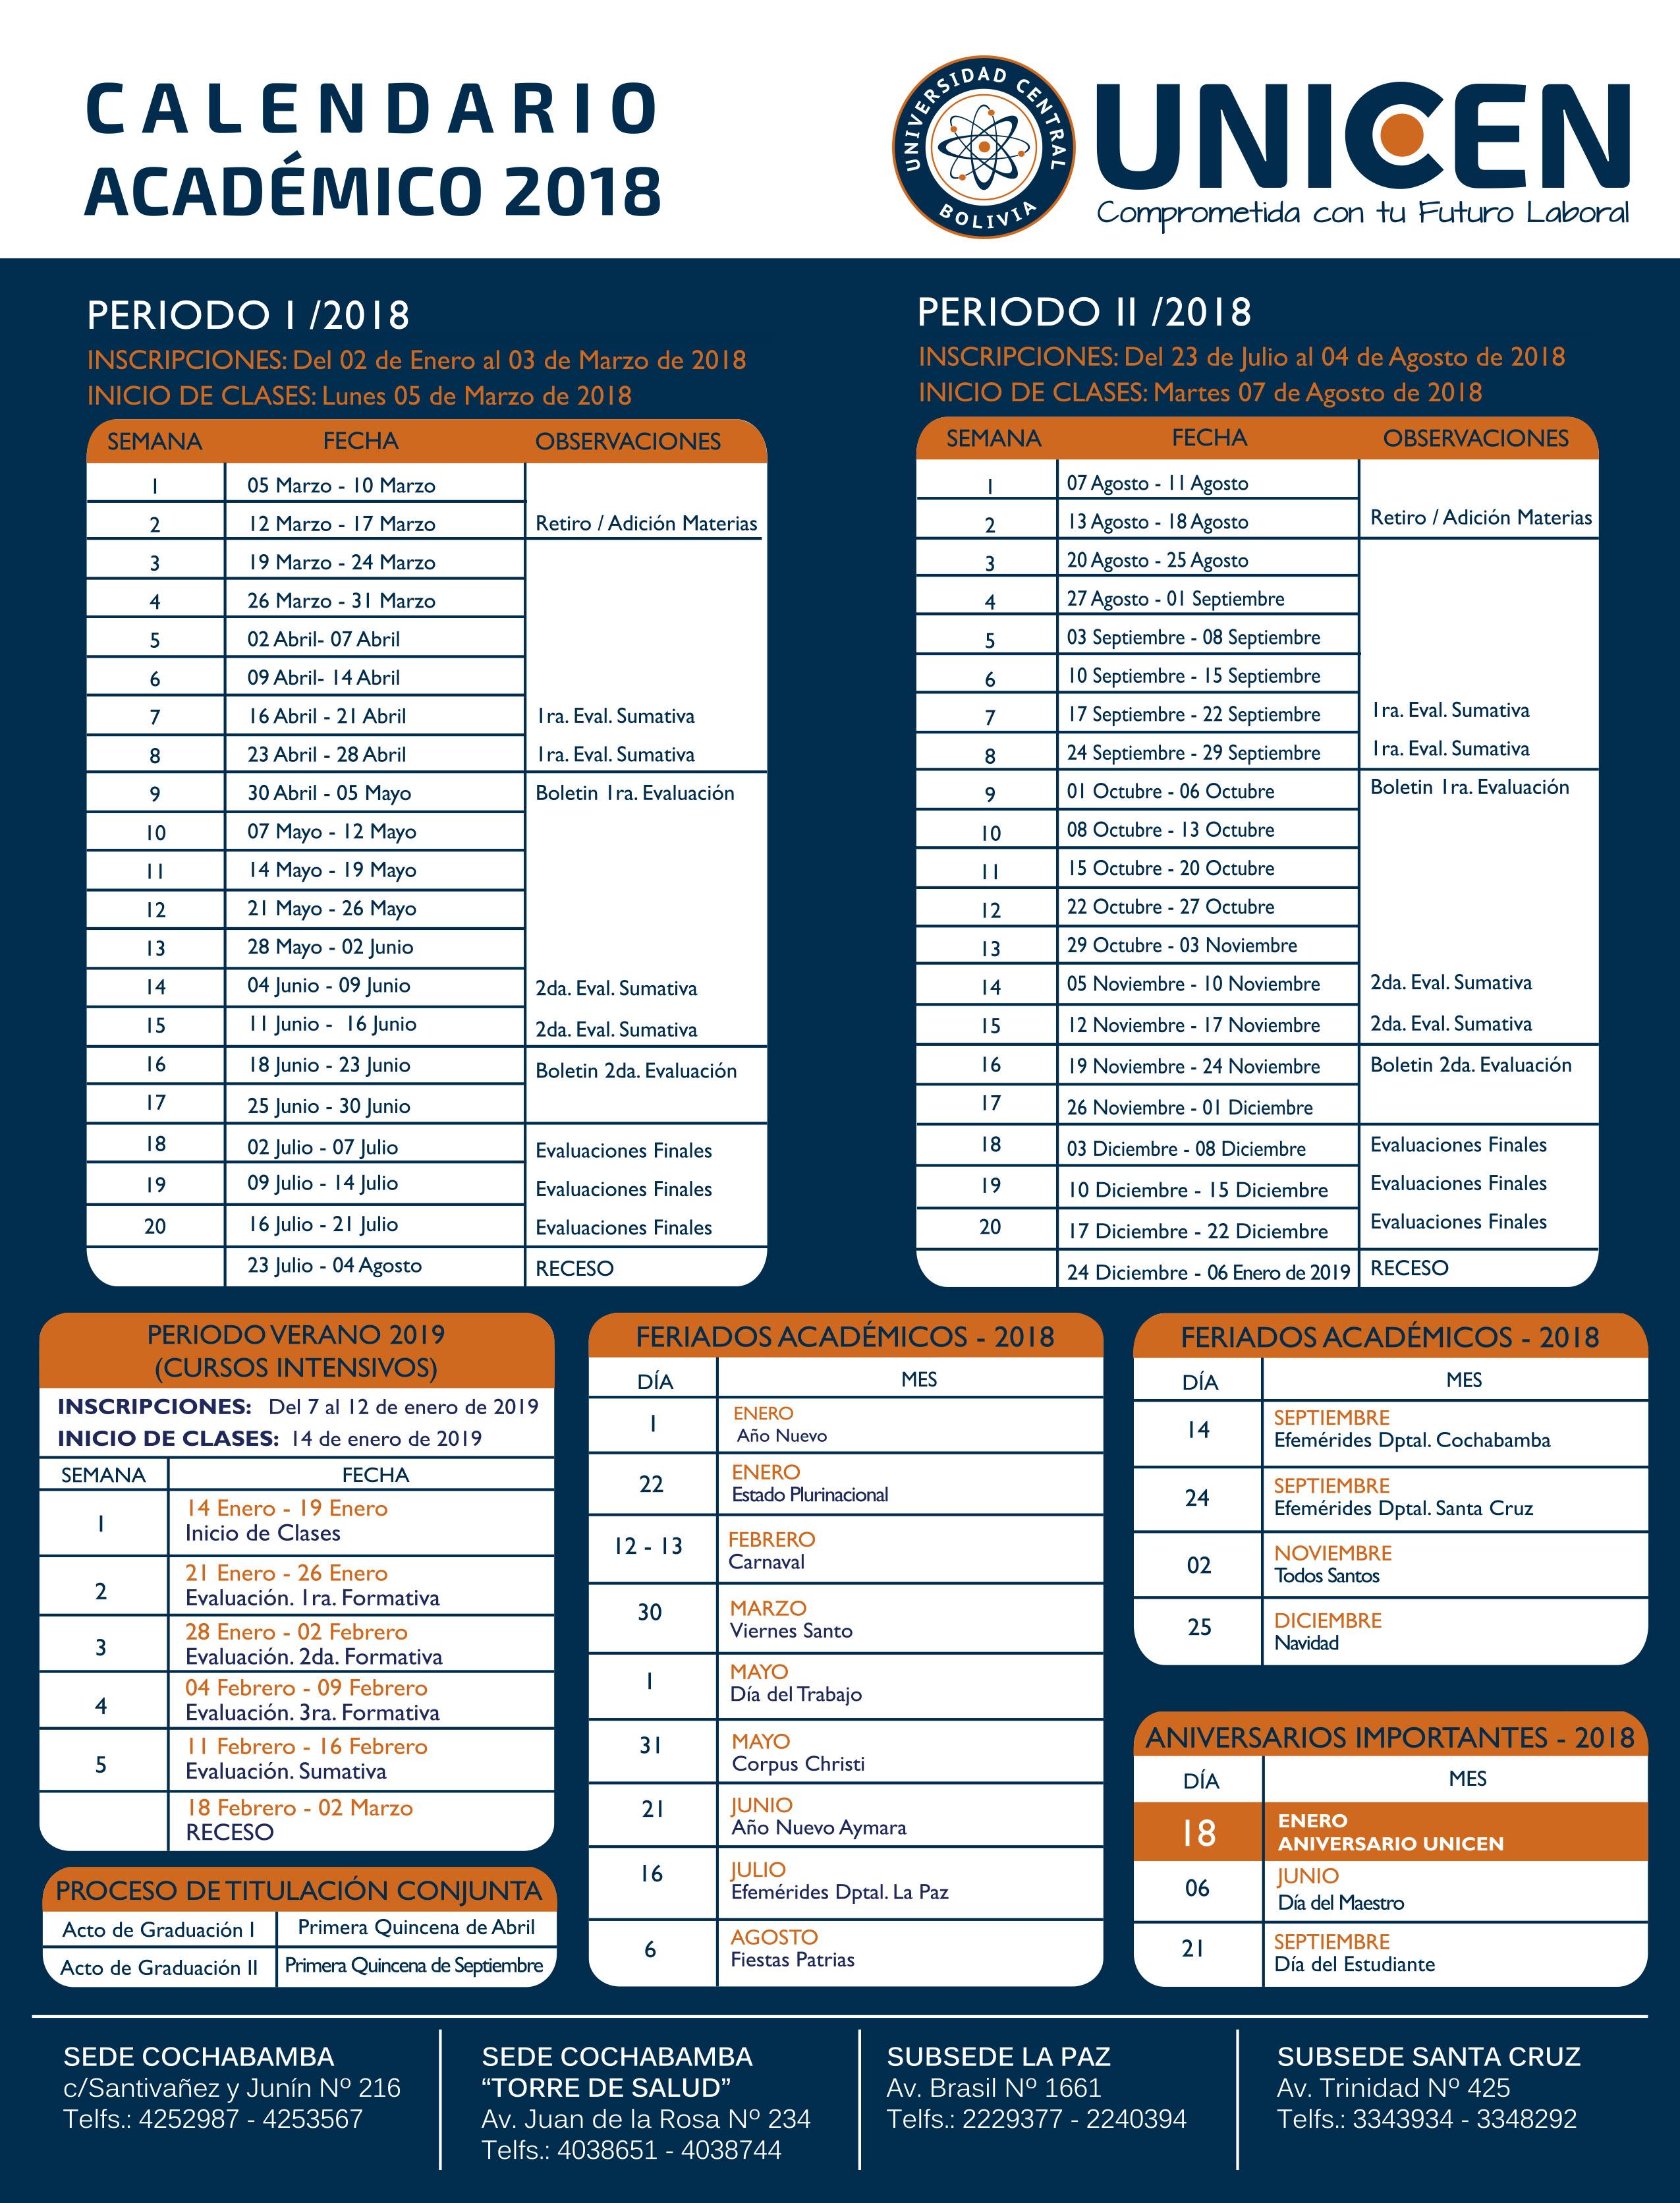 Calendario Examenes Unican Derecho.Calendario Academico Unicen